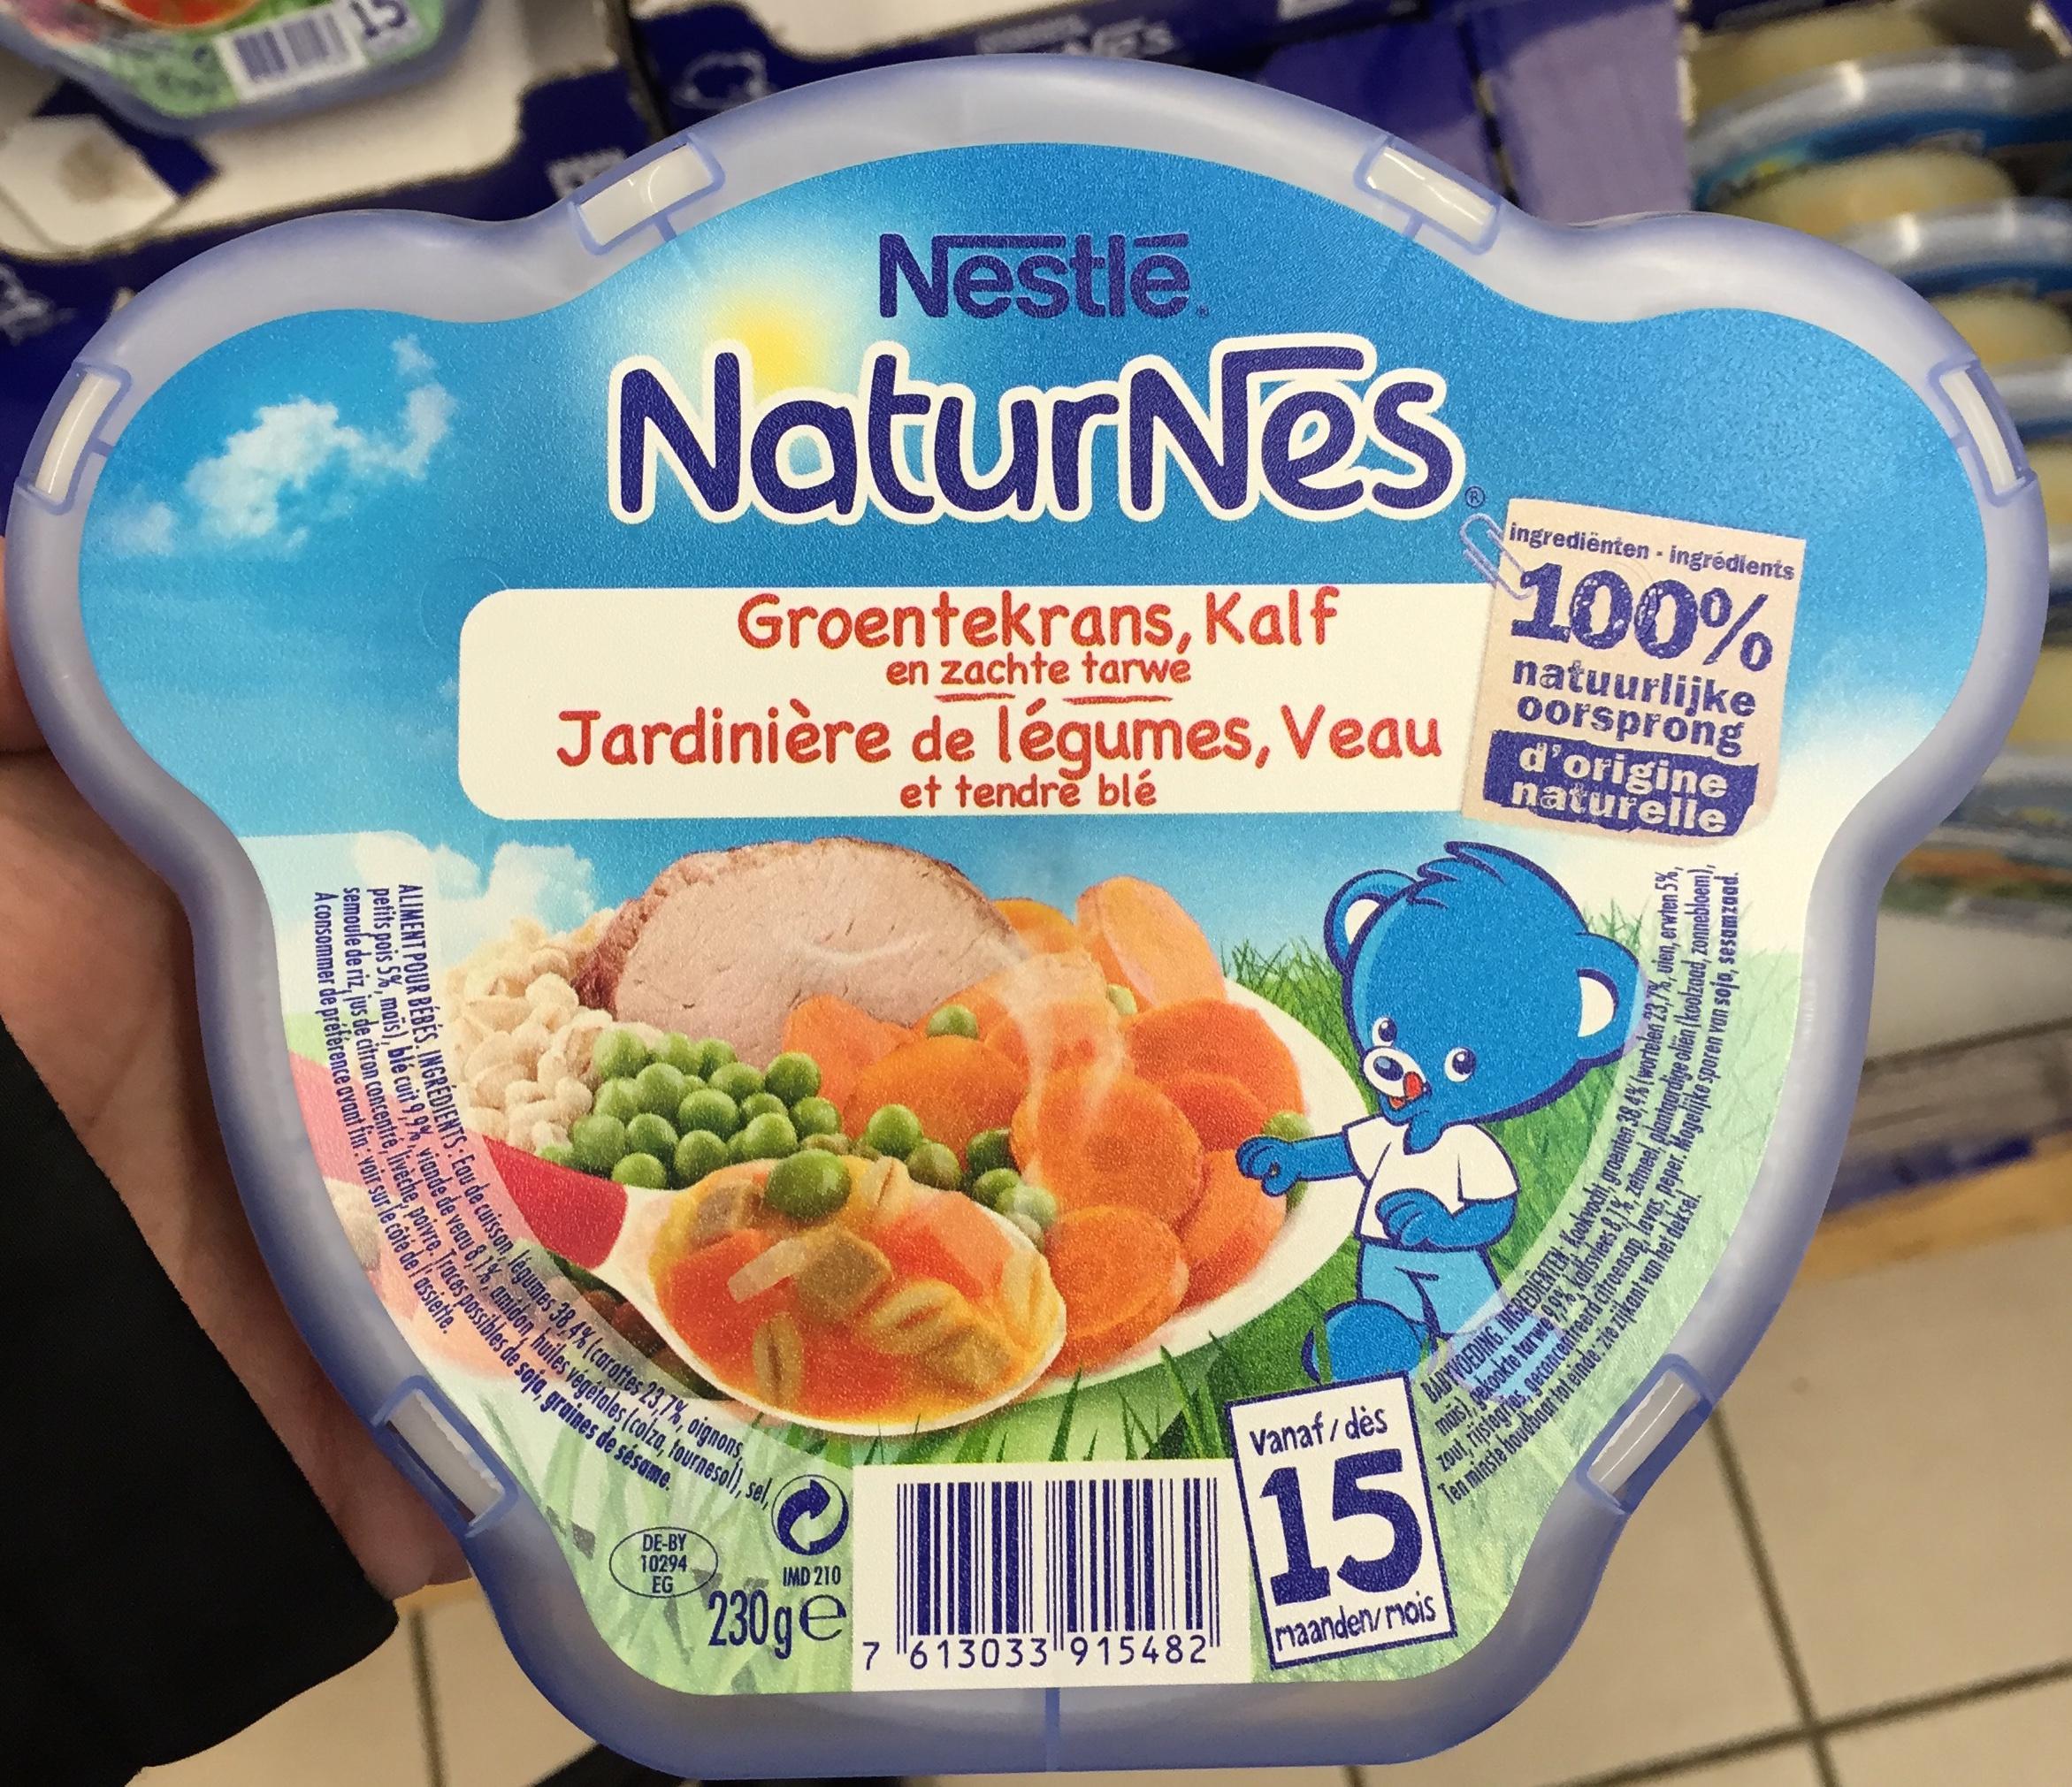 NaturNes Jardinière de légumes, Veau et tendre blé - Product